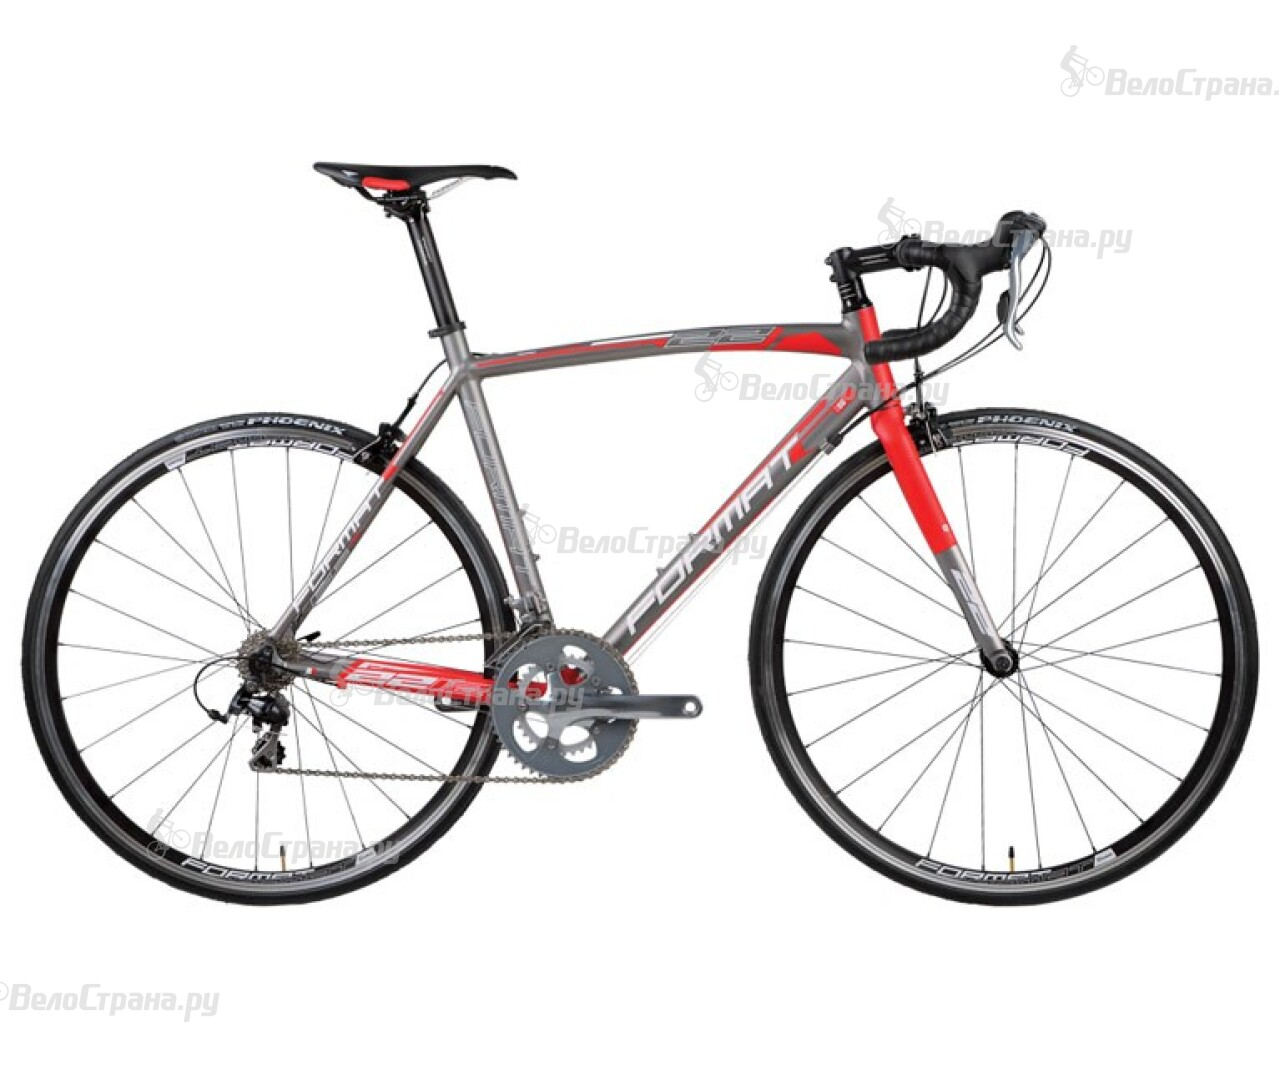 Велосипед Format 2212 (2014)